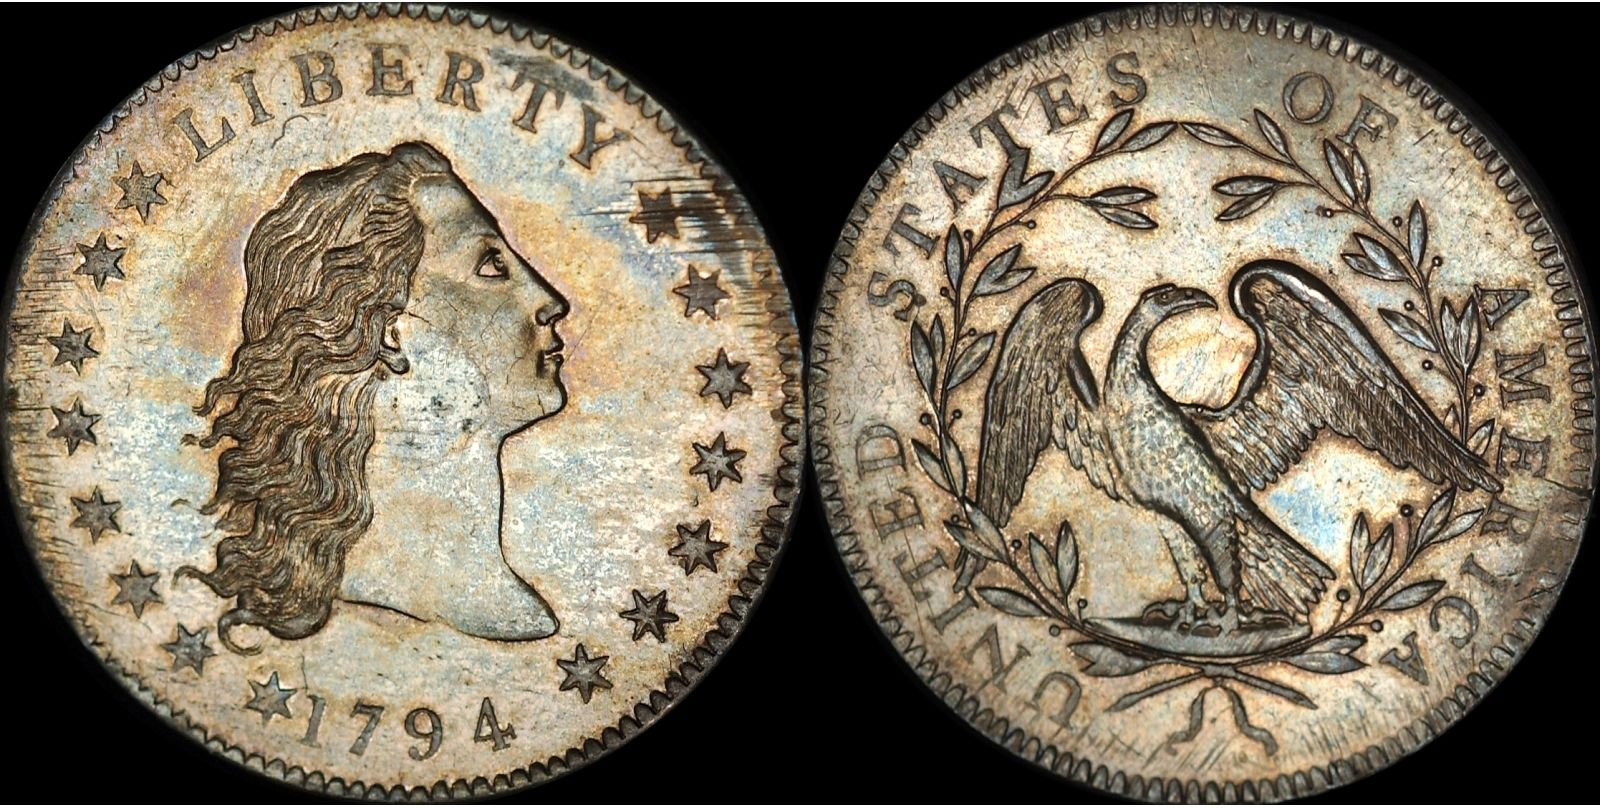 PÅ NORGESBESØK: Verdens dyreste mynt «Flowing Hair Silver Dollar» er på Europa-turné, og kan fra fredag ettermiddag til søndag klokken 16 sees inne på Historisk museum i Oslo. Hovedstaden er en av åtte byer mynten skal innom før den returnerer til USA.